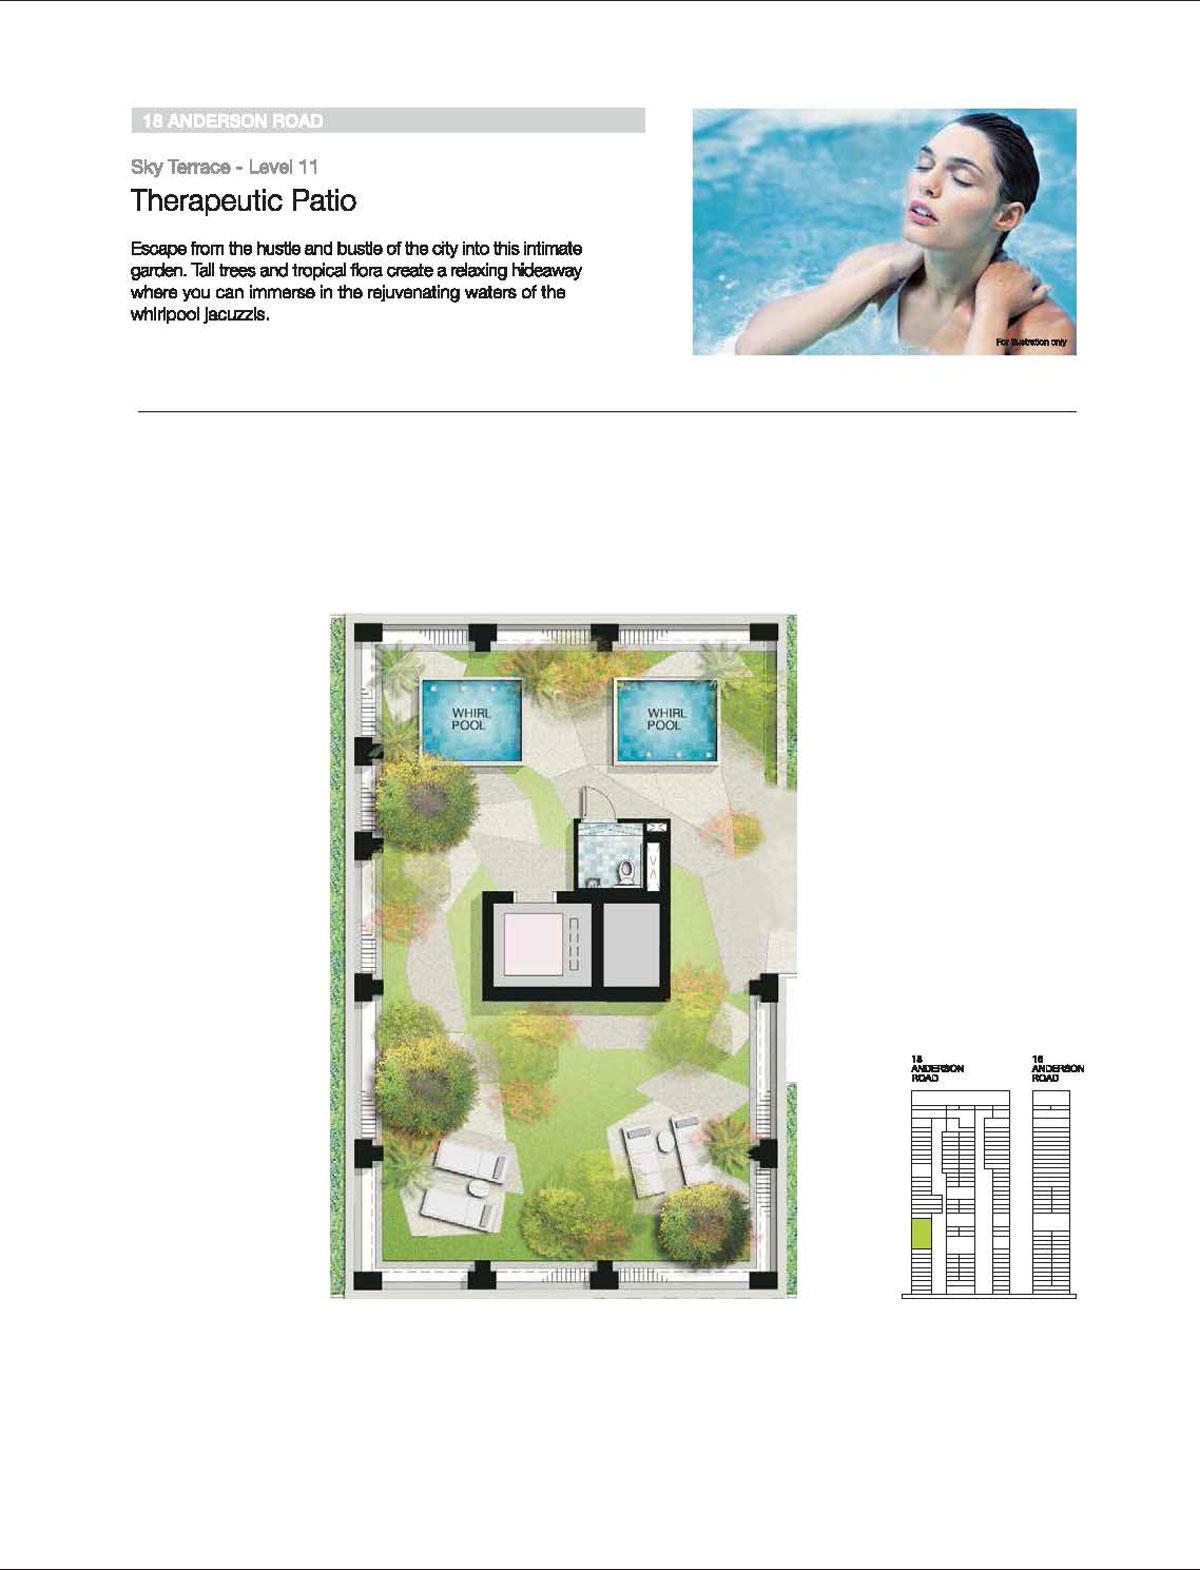 Nouvel-18-Site-Plan4.jpg